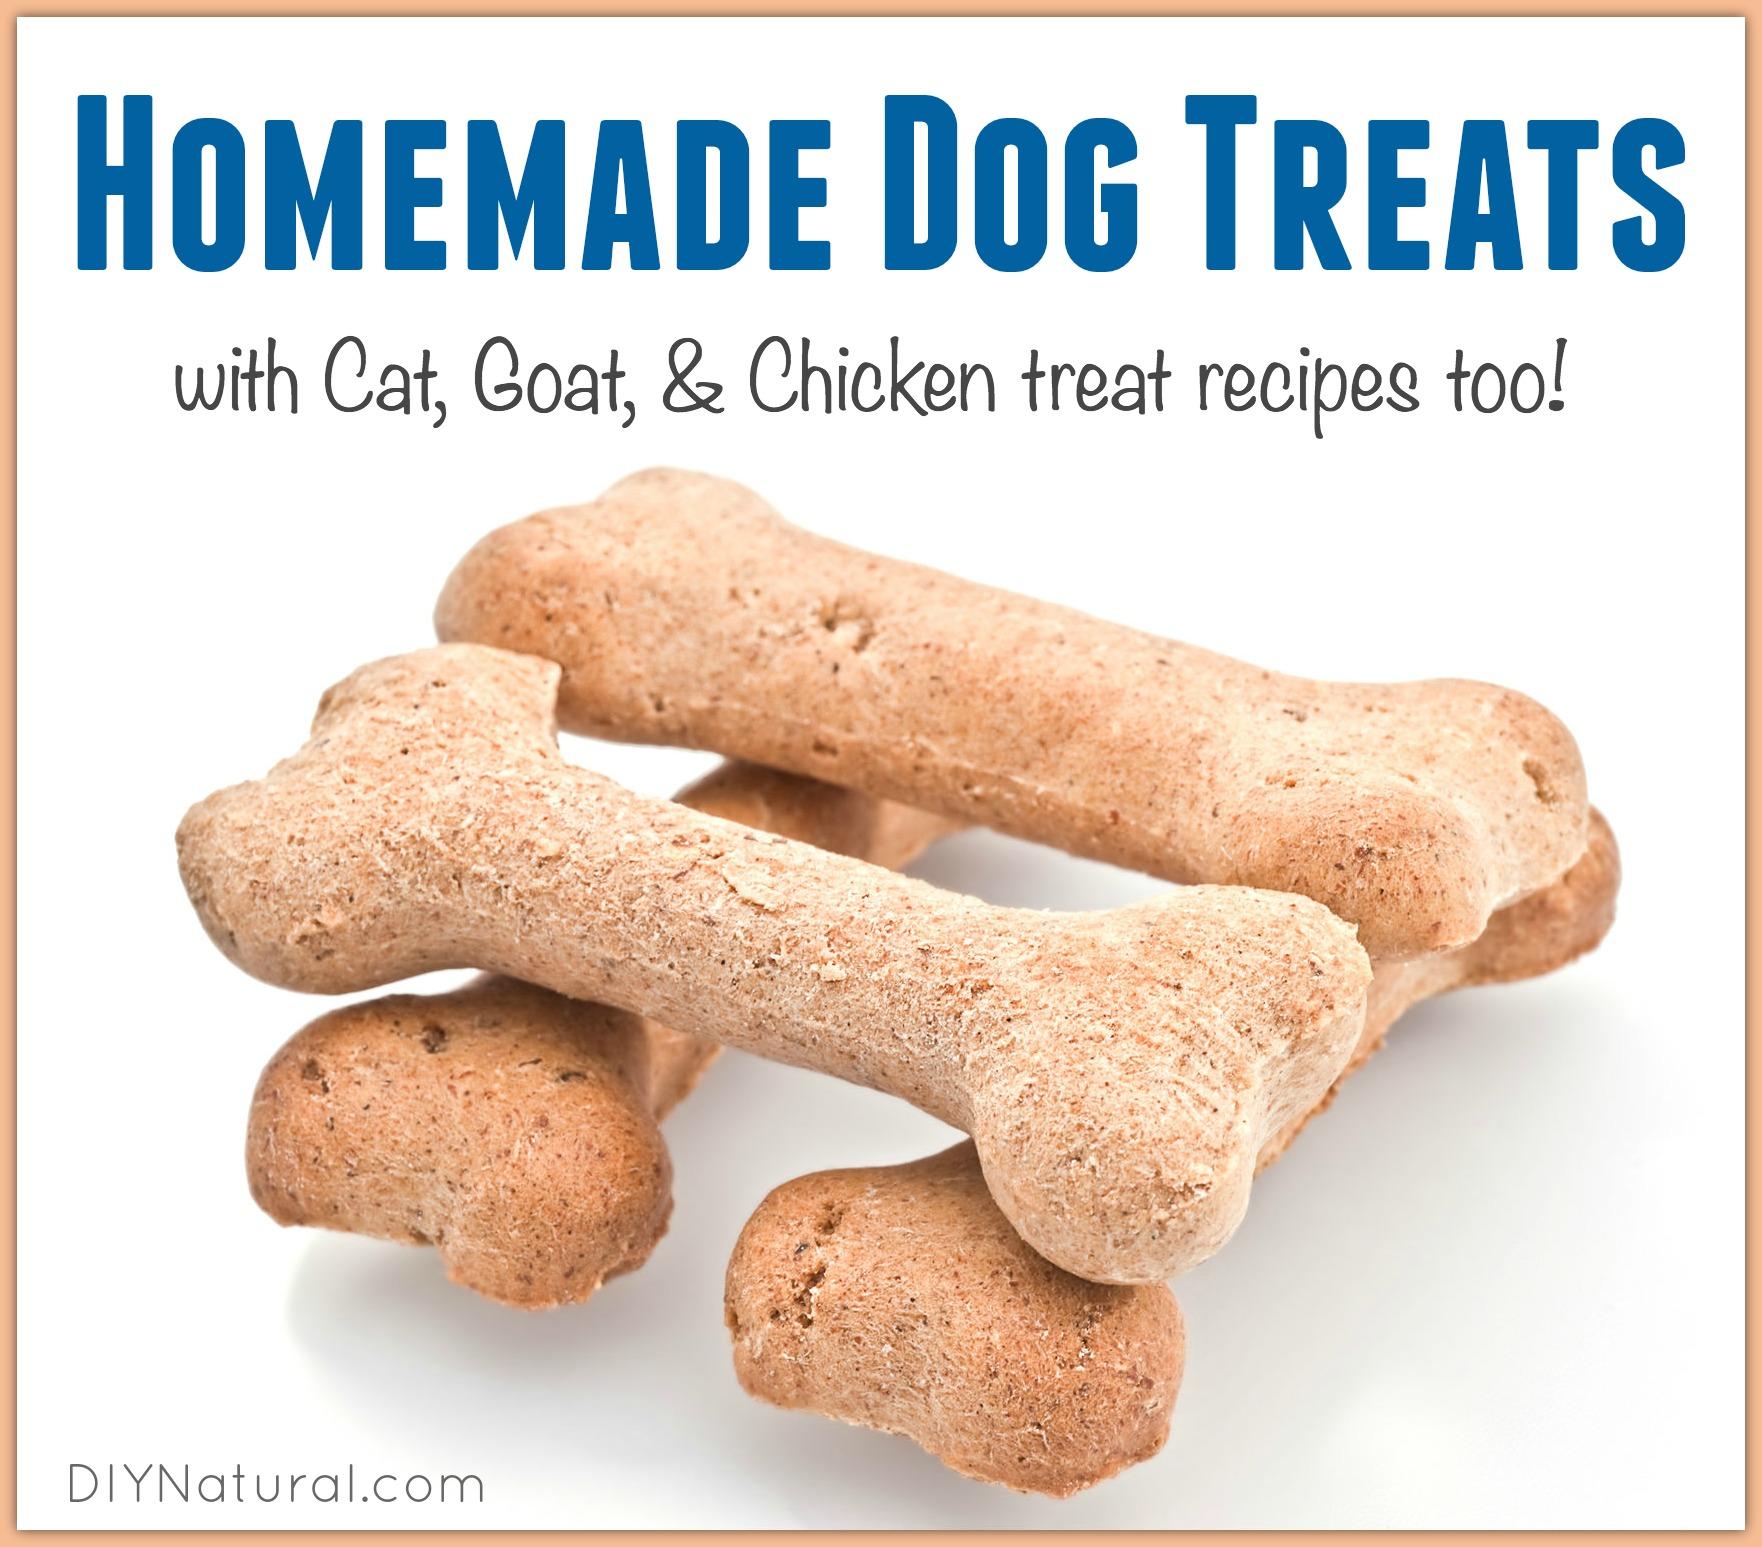 Organic Homemade Dog Treats Recipes